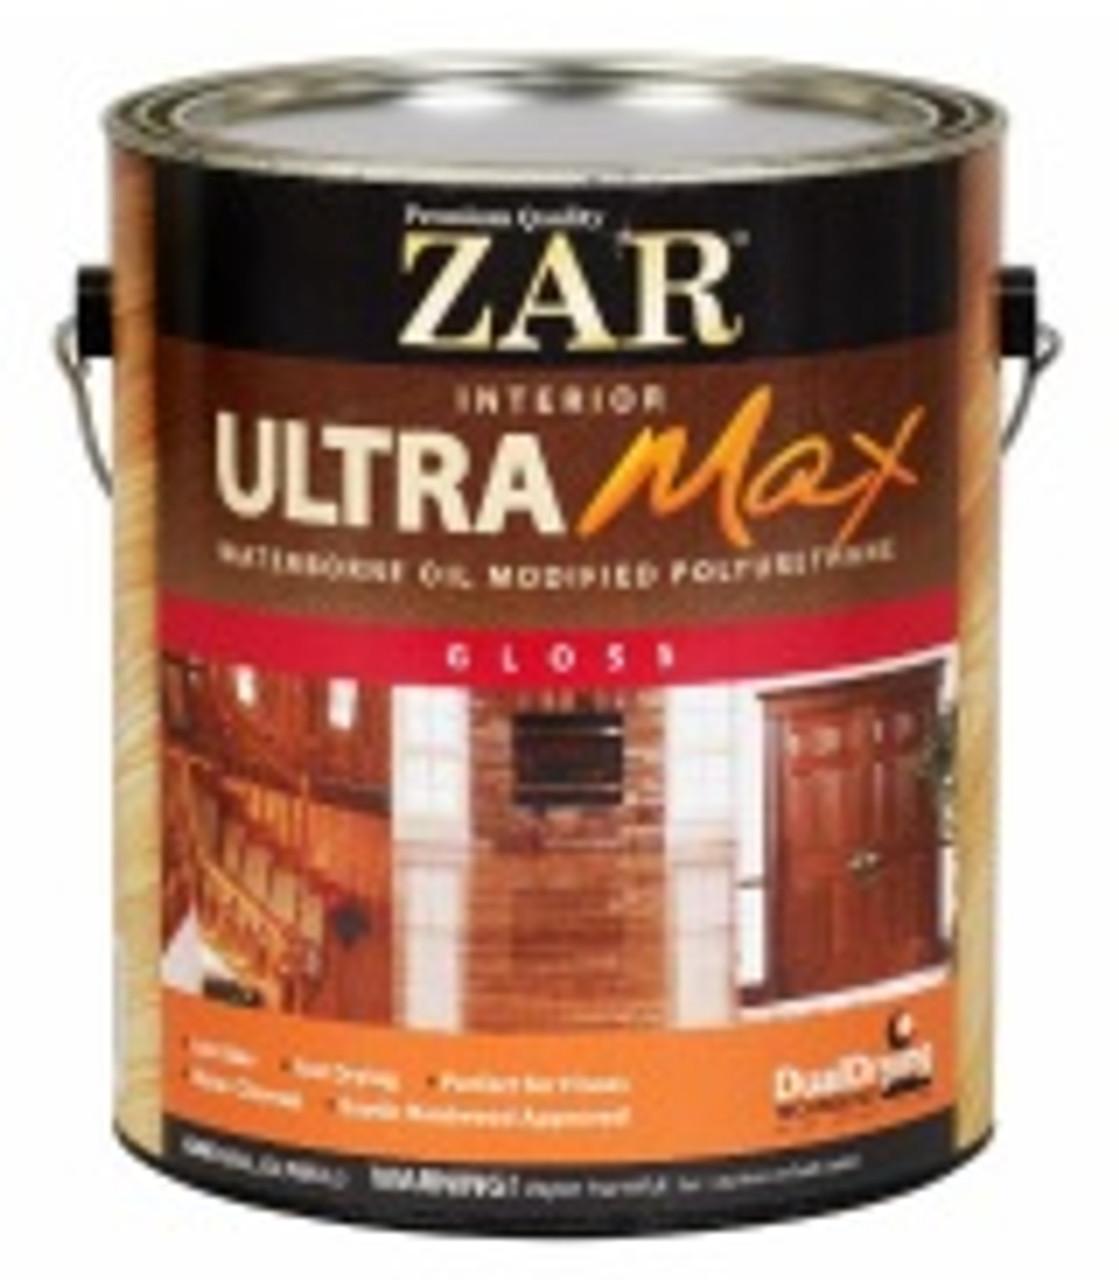 ZAR Ultra Max Waterborne Oil-Modified Polyurethane-Quart